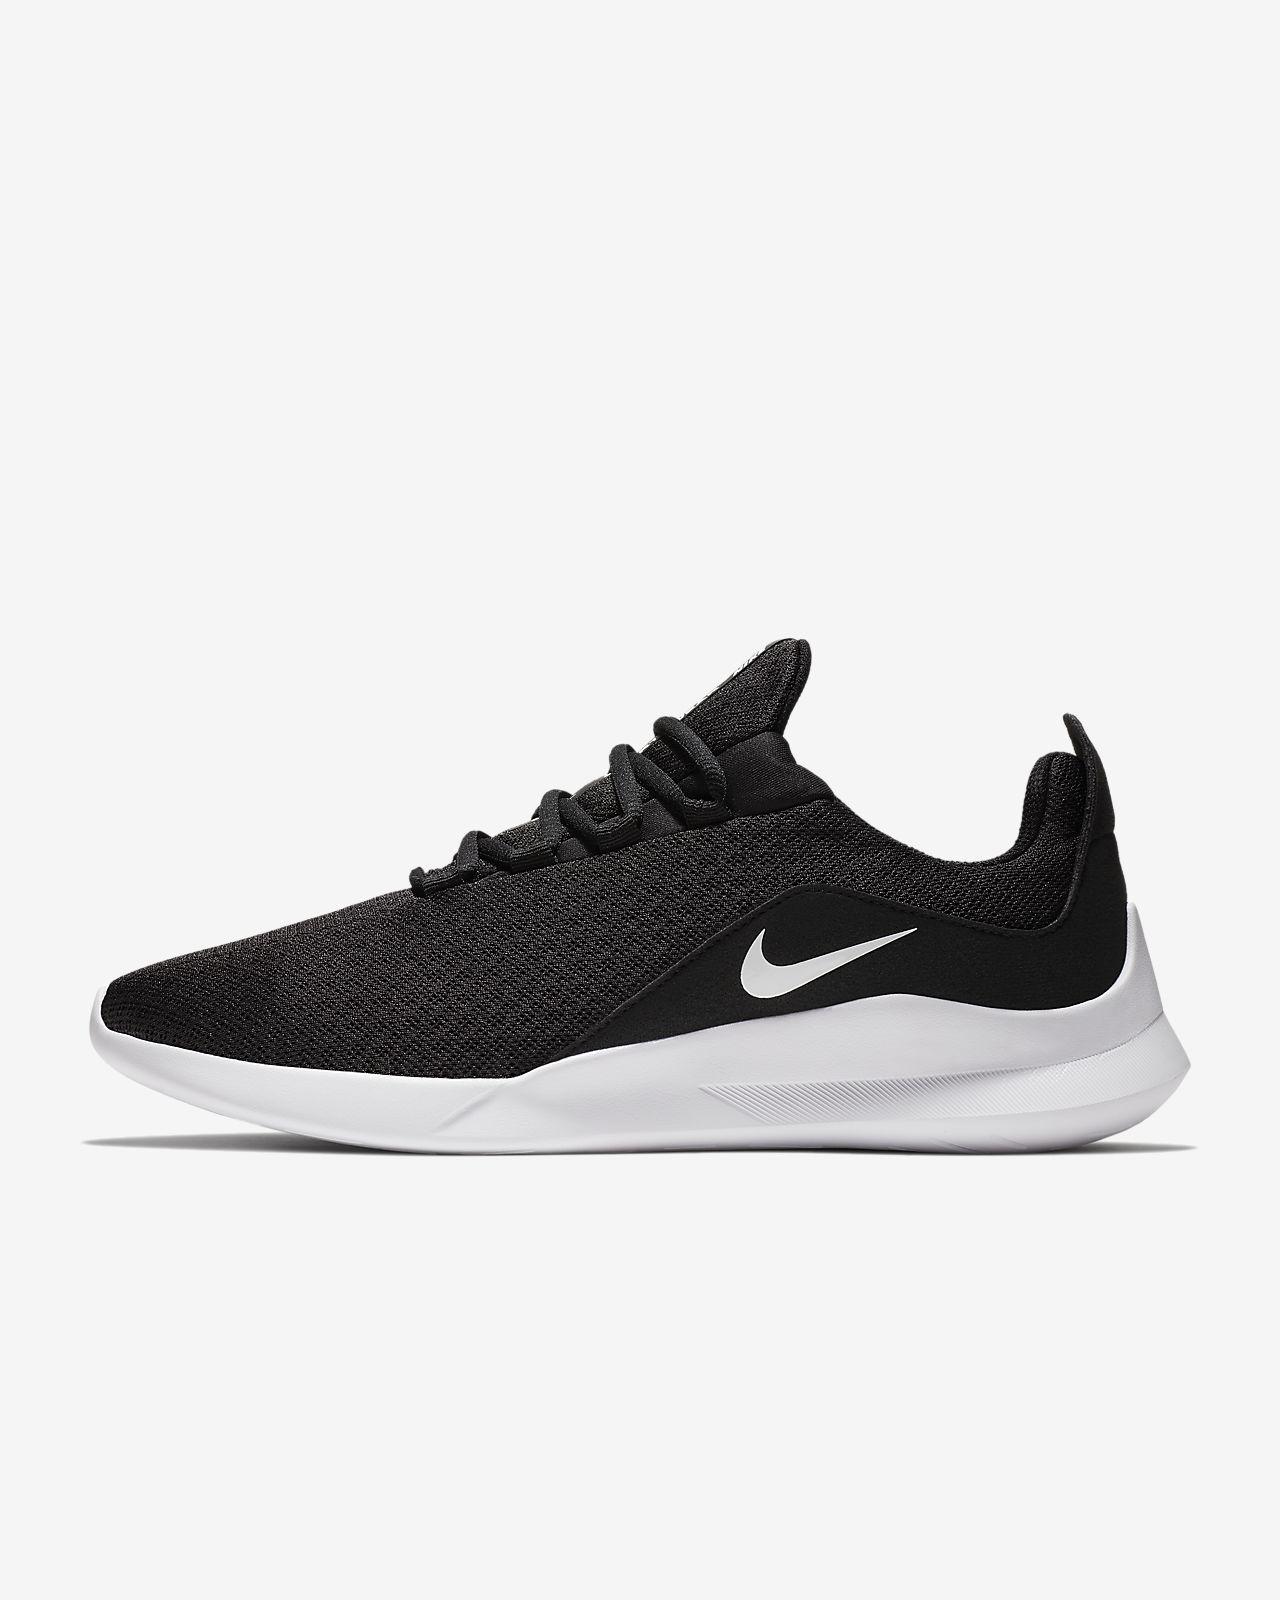 Viale Nike Viale Nike Herenschoen Nl Nl Herenschoen ZBvTIS